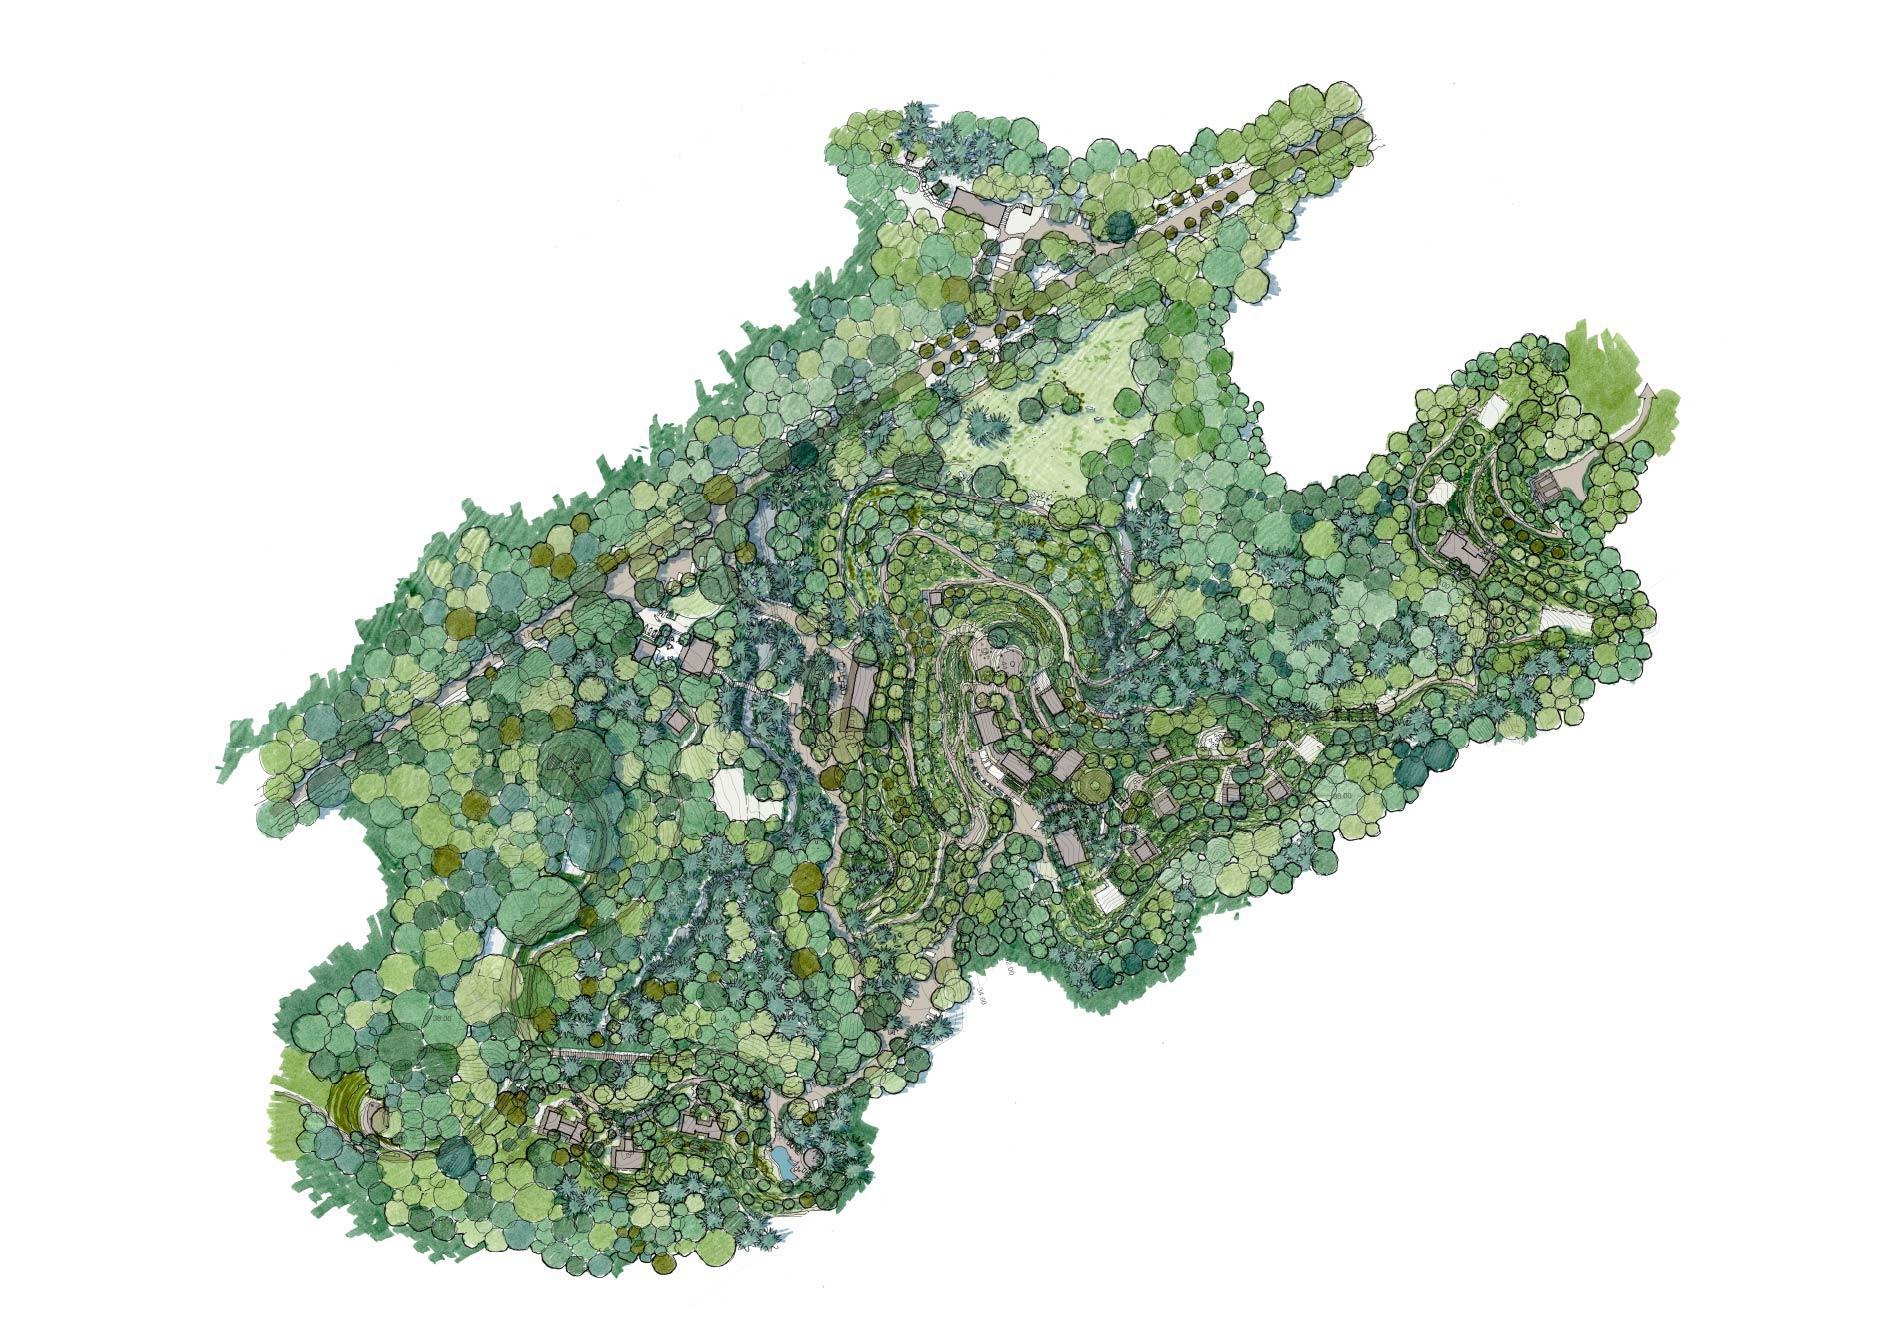 Rural-Planning_Vida_1